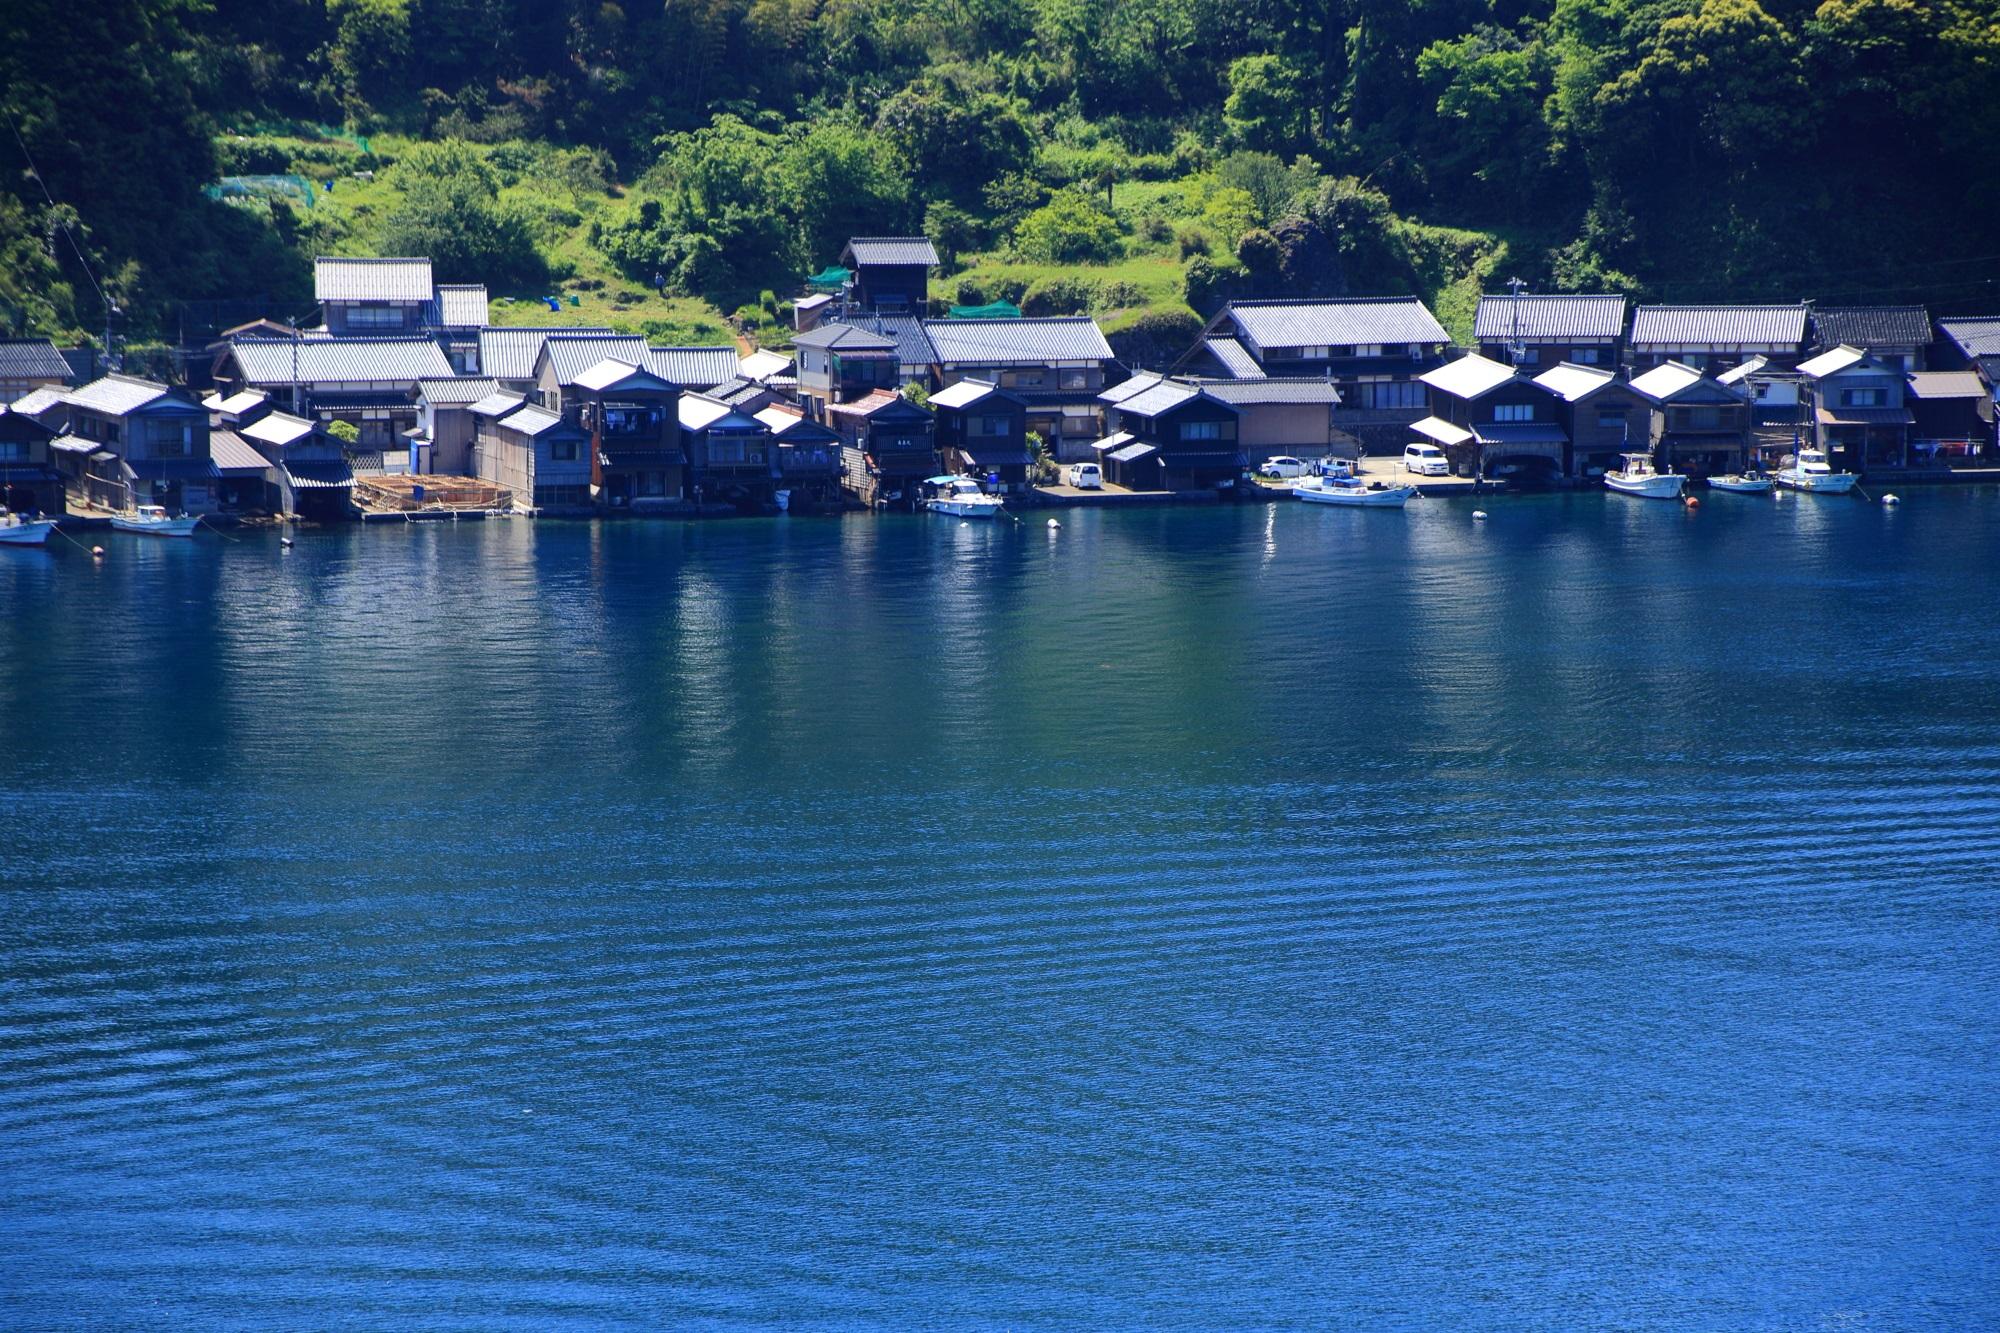 穏やかな海と緑につつまれる独特の舟屋の情景